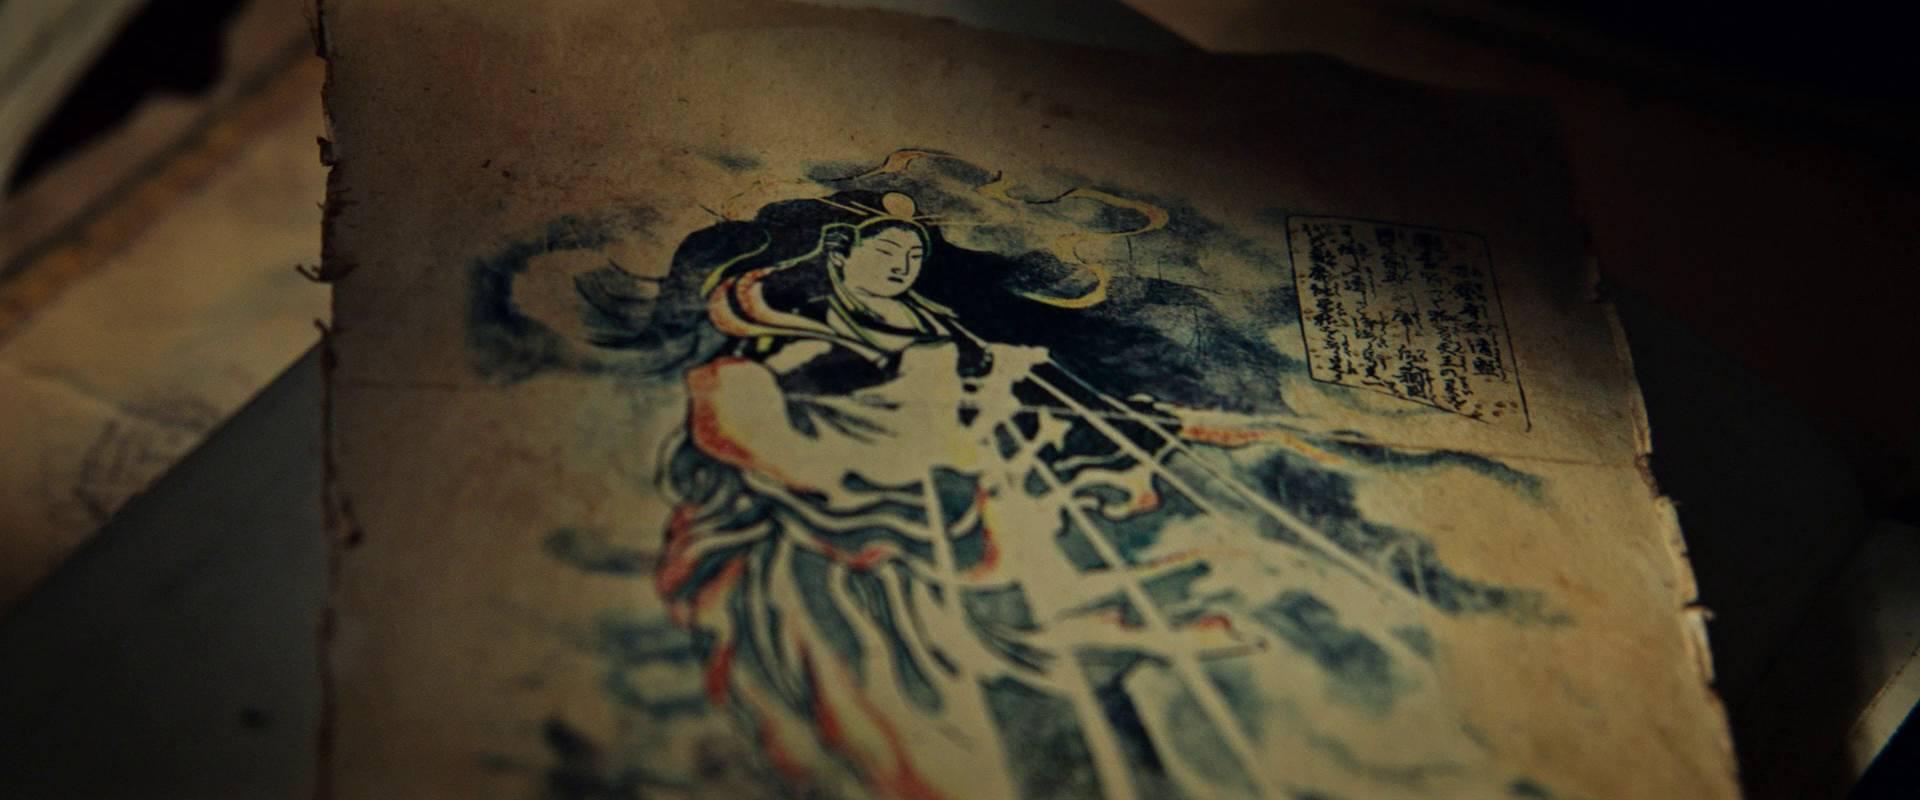 tomb-raider-recensione-bluray-03